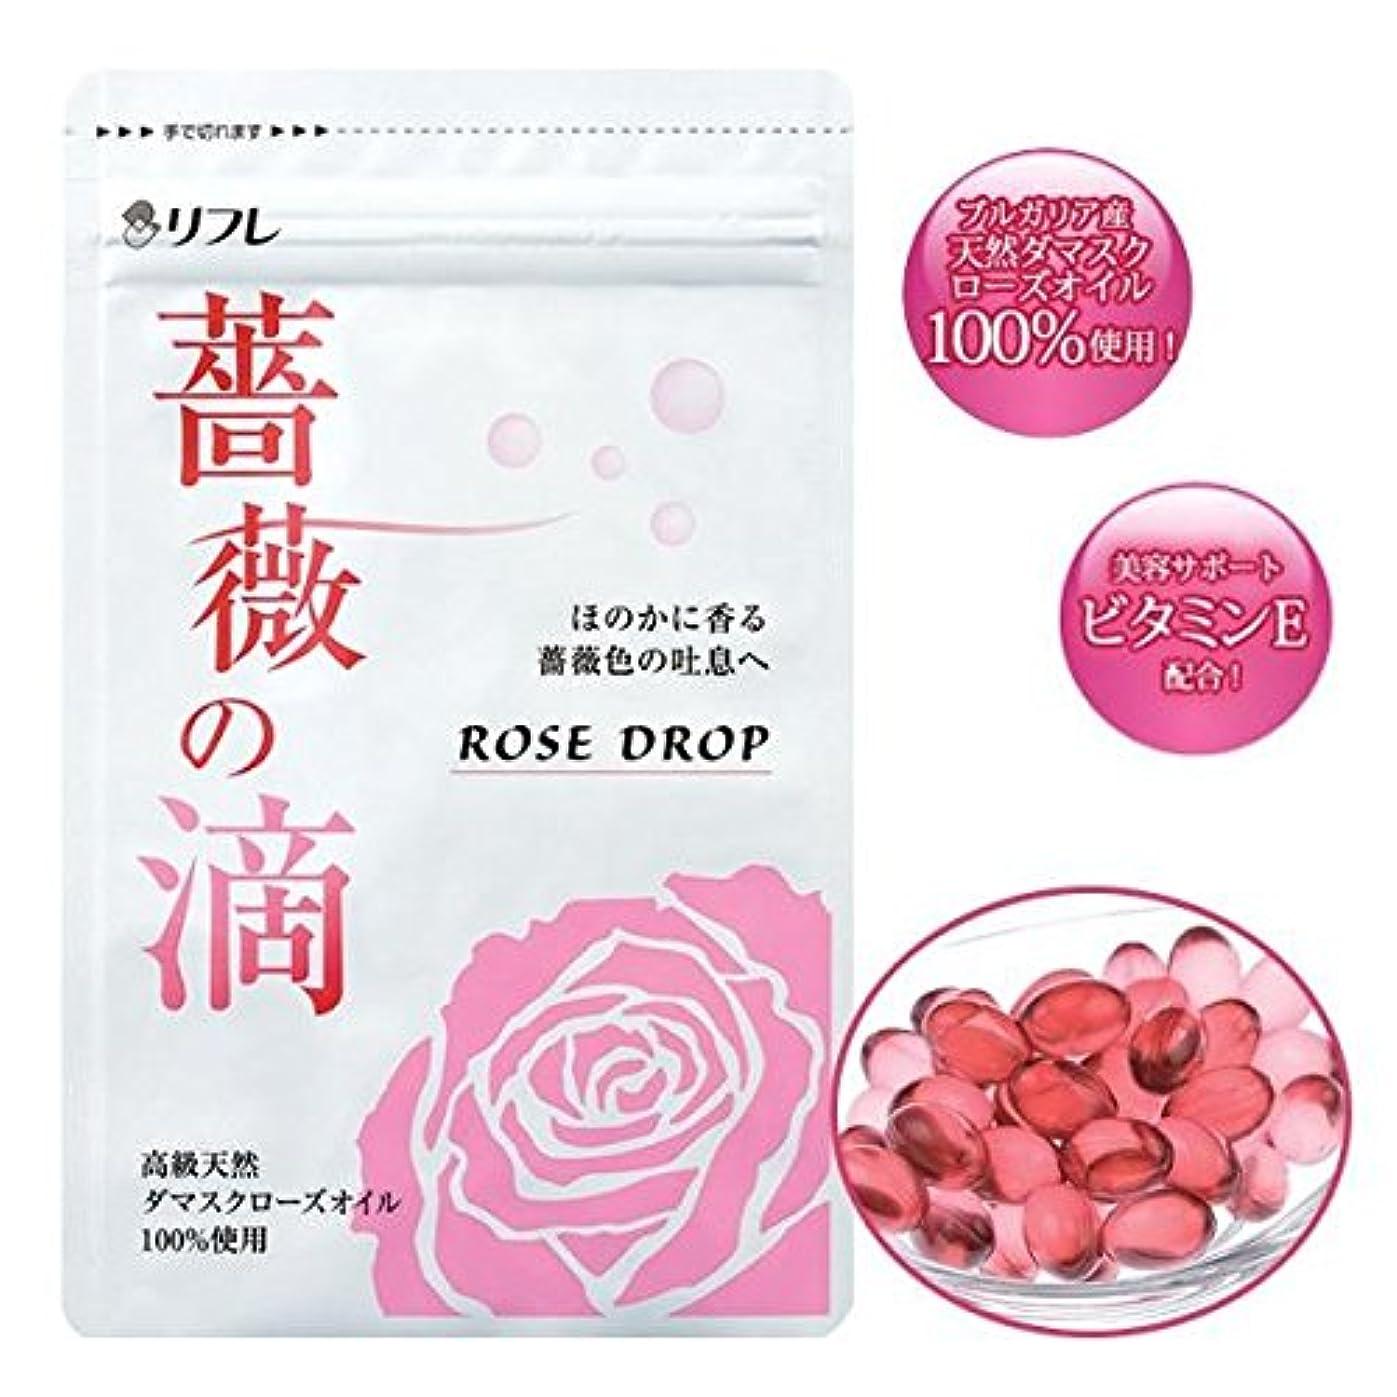 と闘うクライマックス採用リフレ ローズサプリ 薔薇の滴(ばらのしずく) 1袋62粒(約1ヵ月分) 日本製 Japan